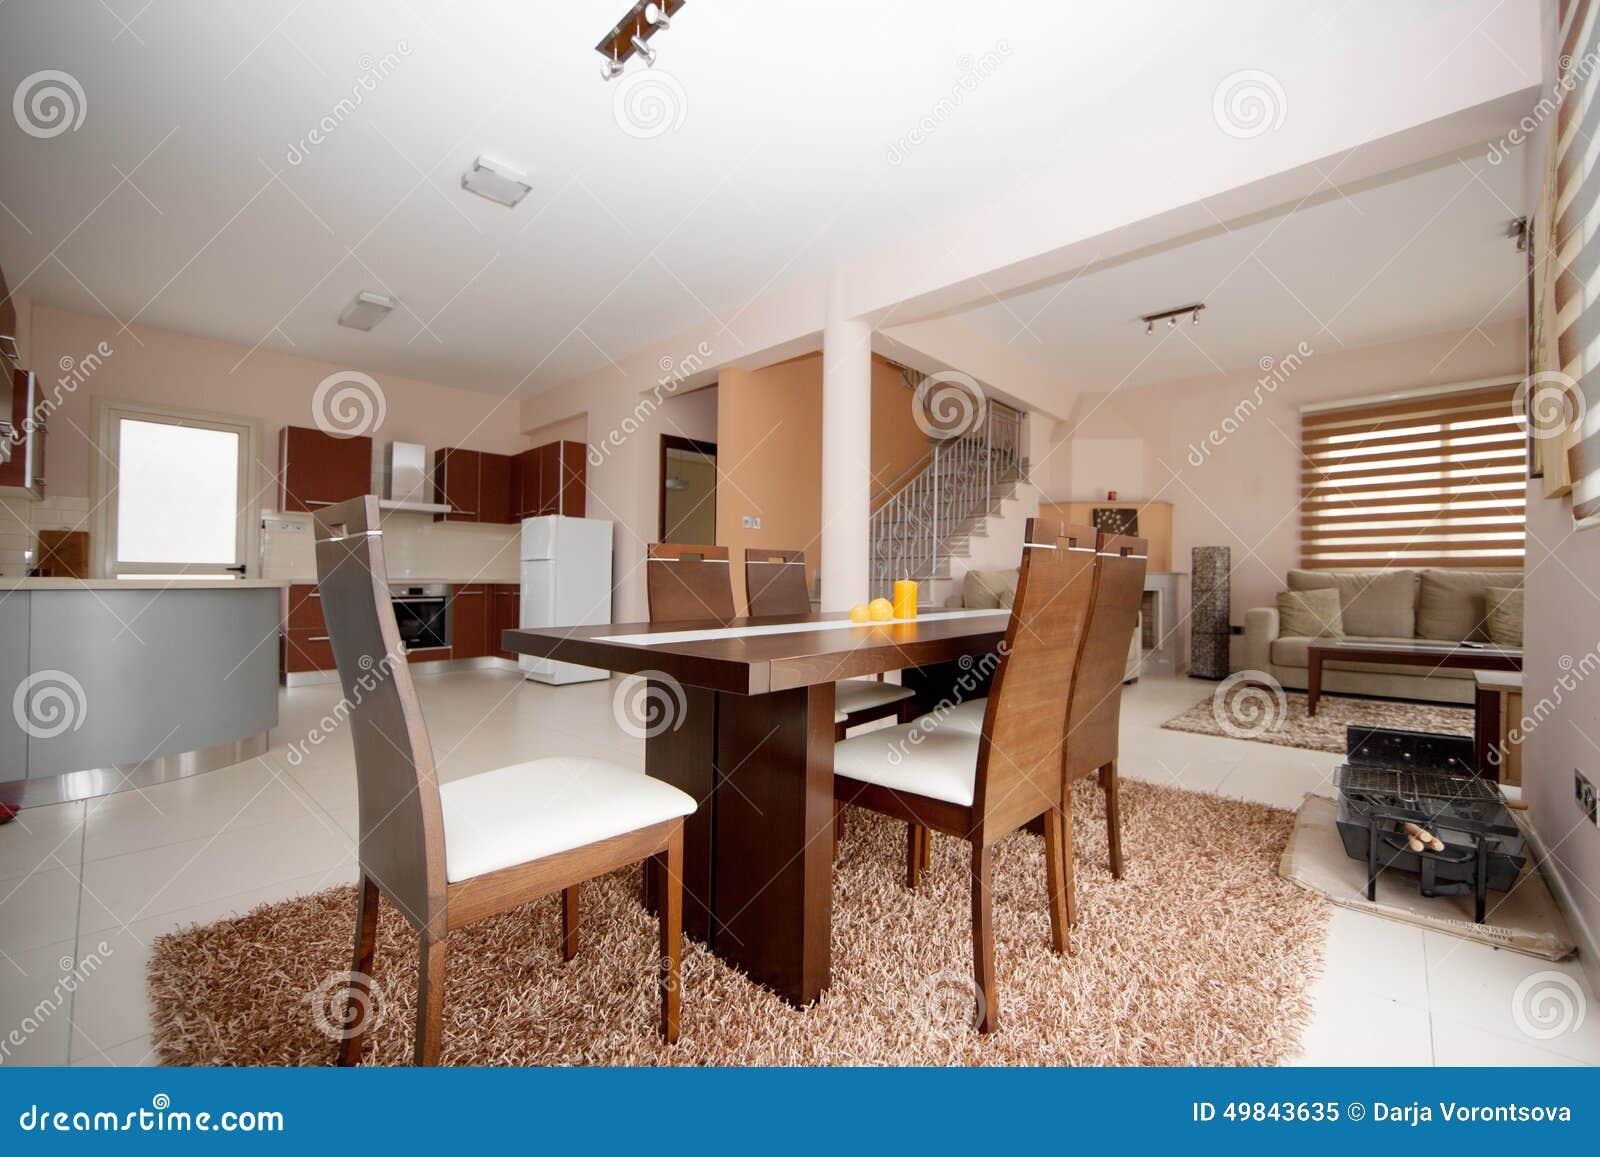 comedor cocina y sala de estar imagen de archivo imagen